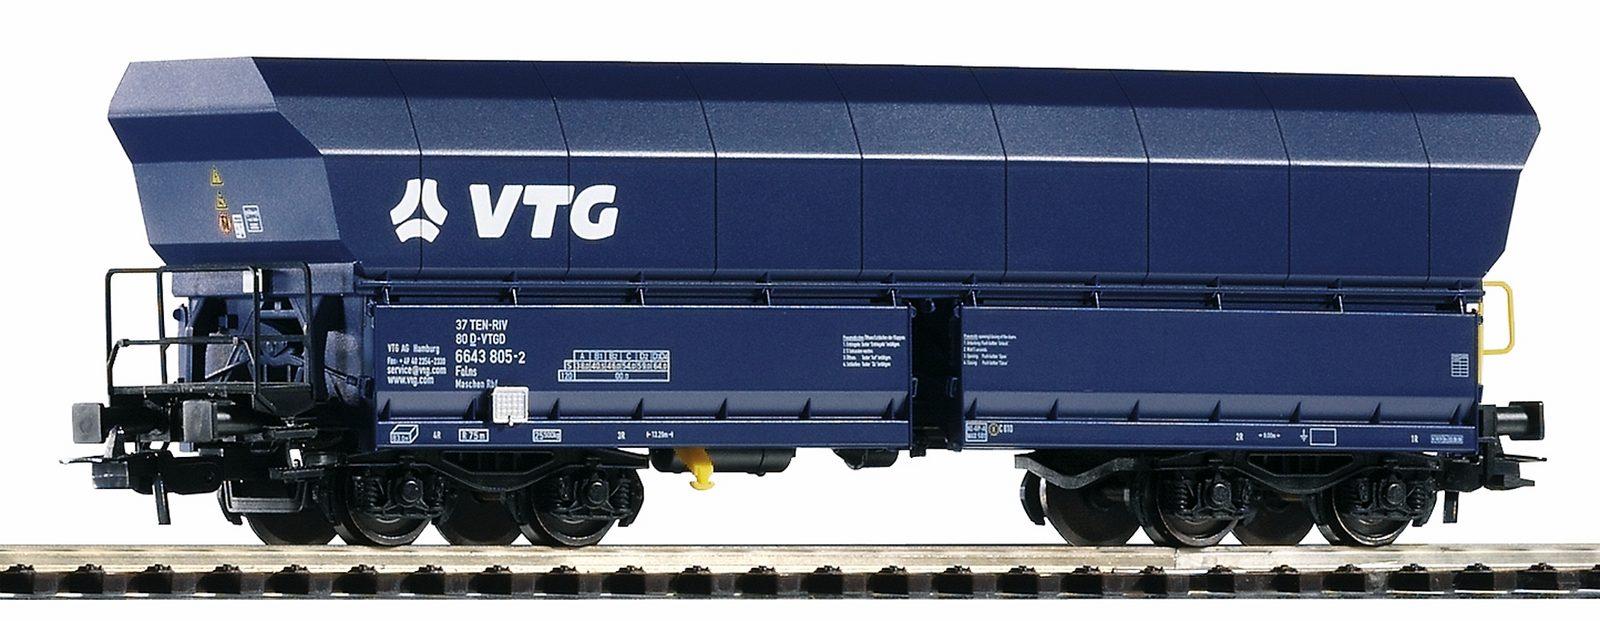 PIKO Güterwagen, Spur H0, »Schüttgutwagen Falns 176VTG - Gleichstrom« - broschei